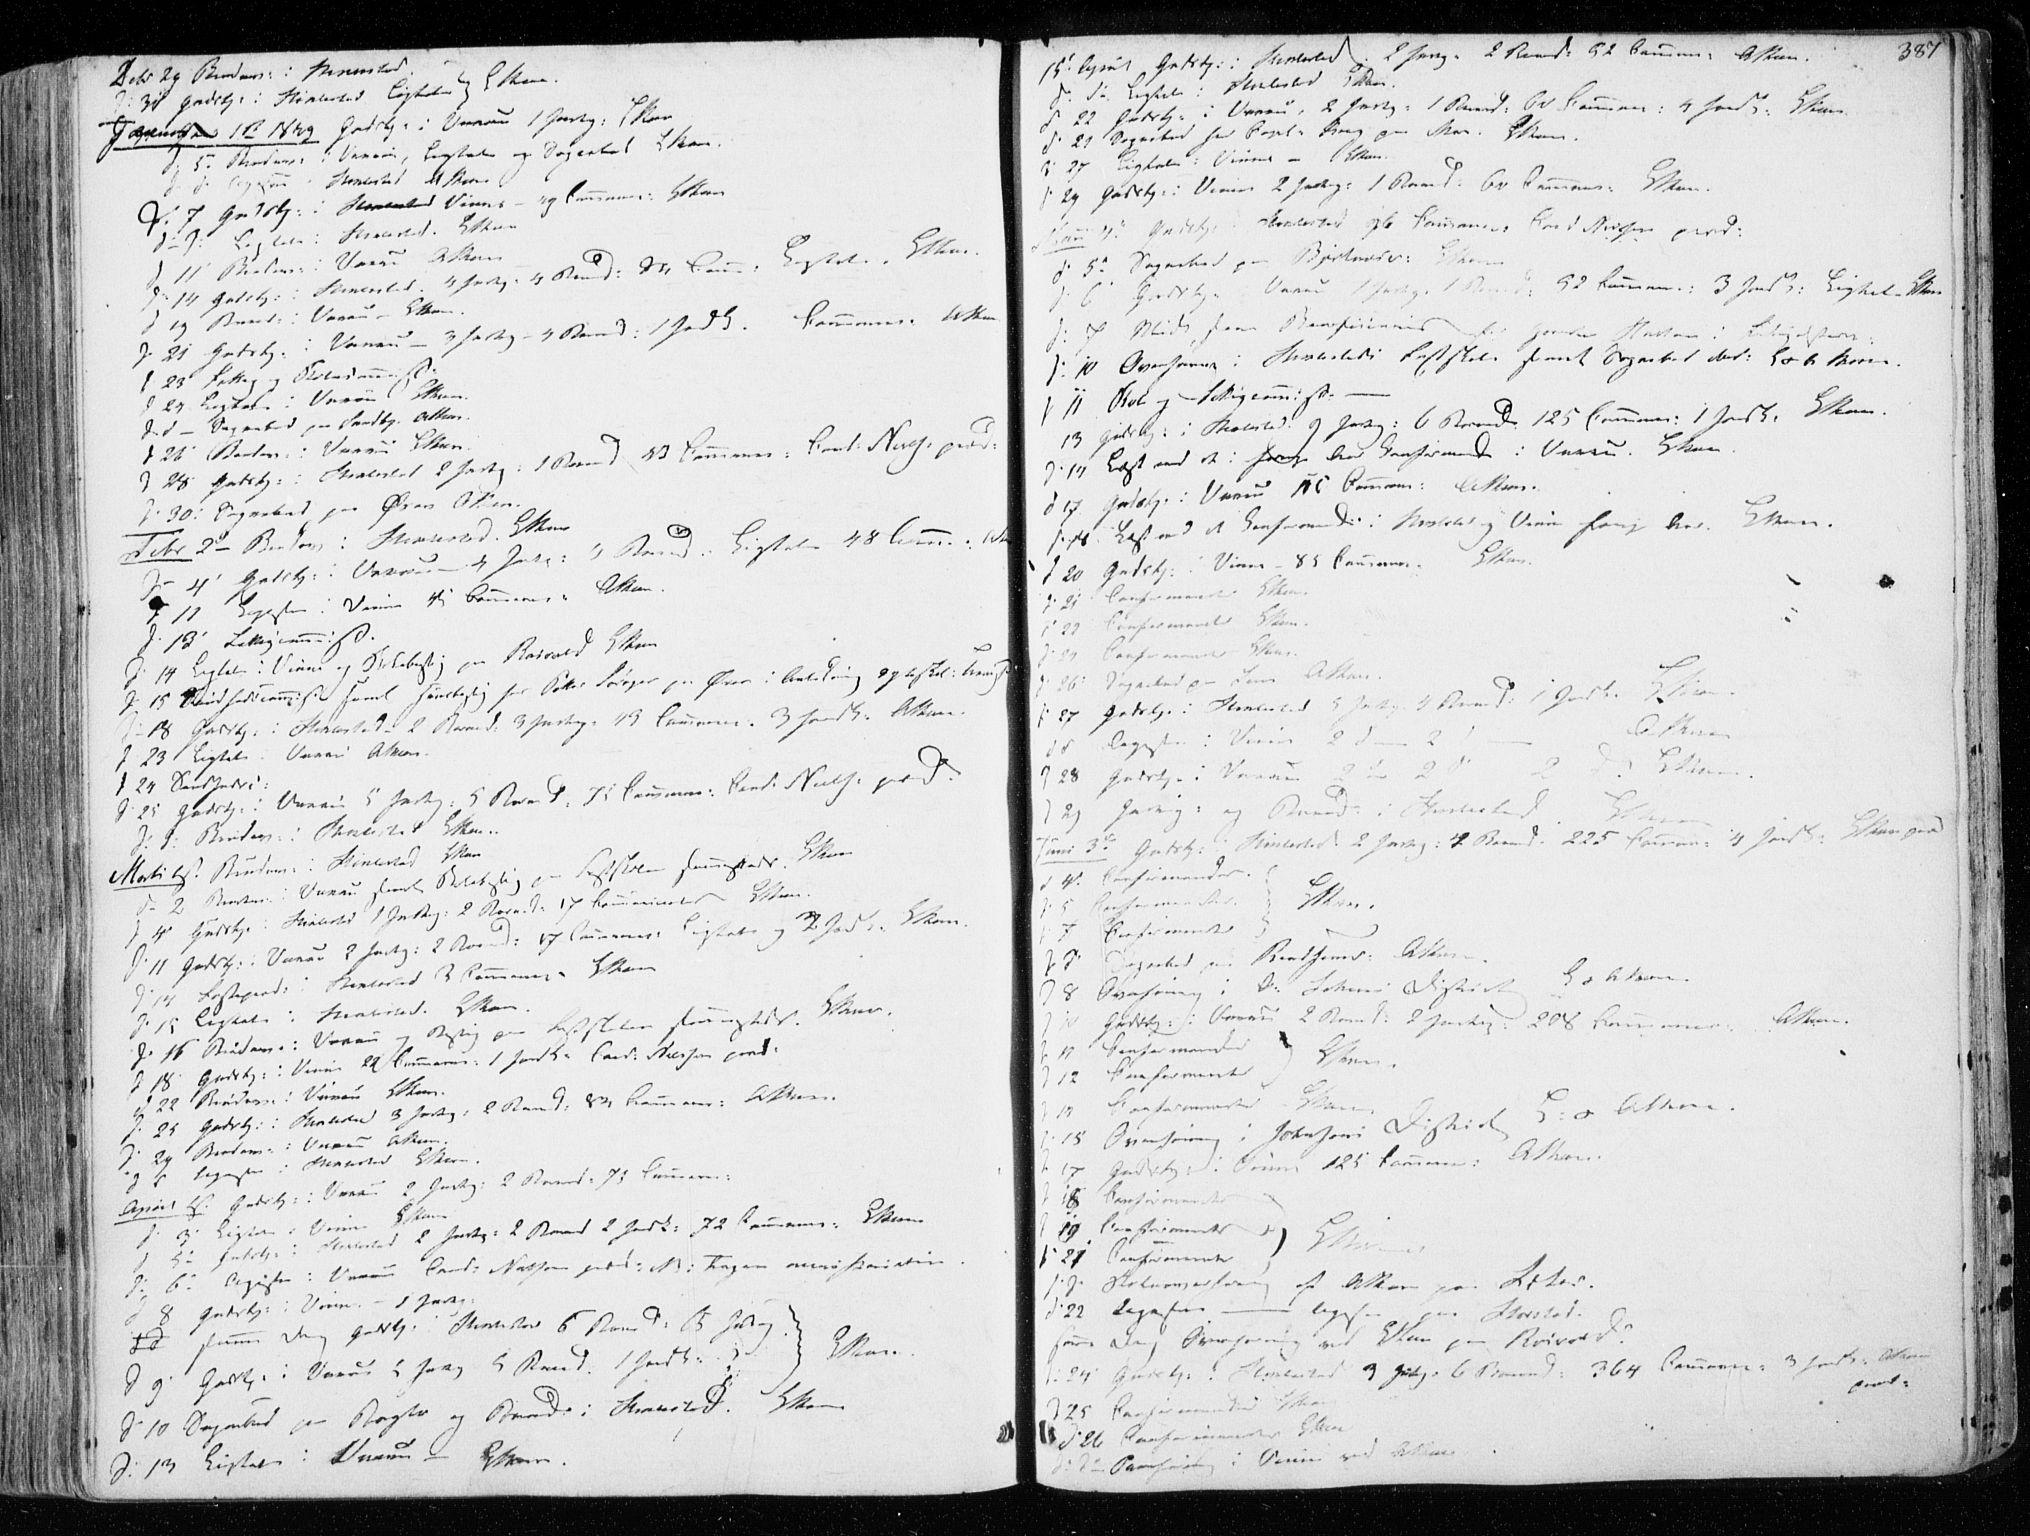 SAT, Ministerialprotokoller, klokkerbøker og fødselsregistre - Nord-Trøndelag, 723/L0239: Ministerialbok nr. 723A08, 1841-1851, s. 387